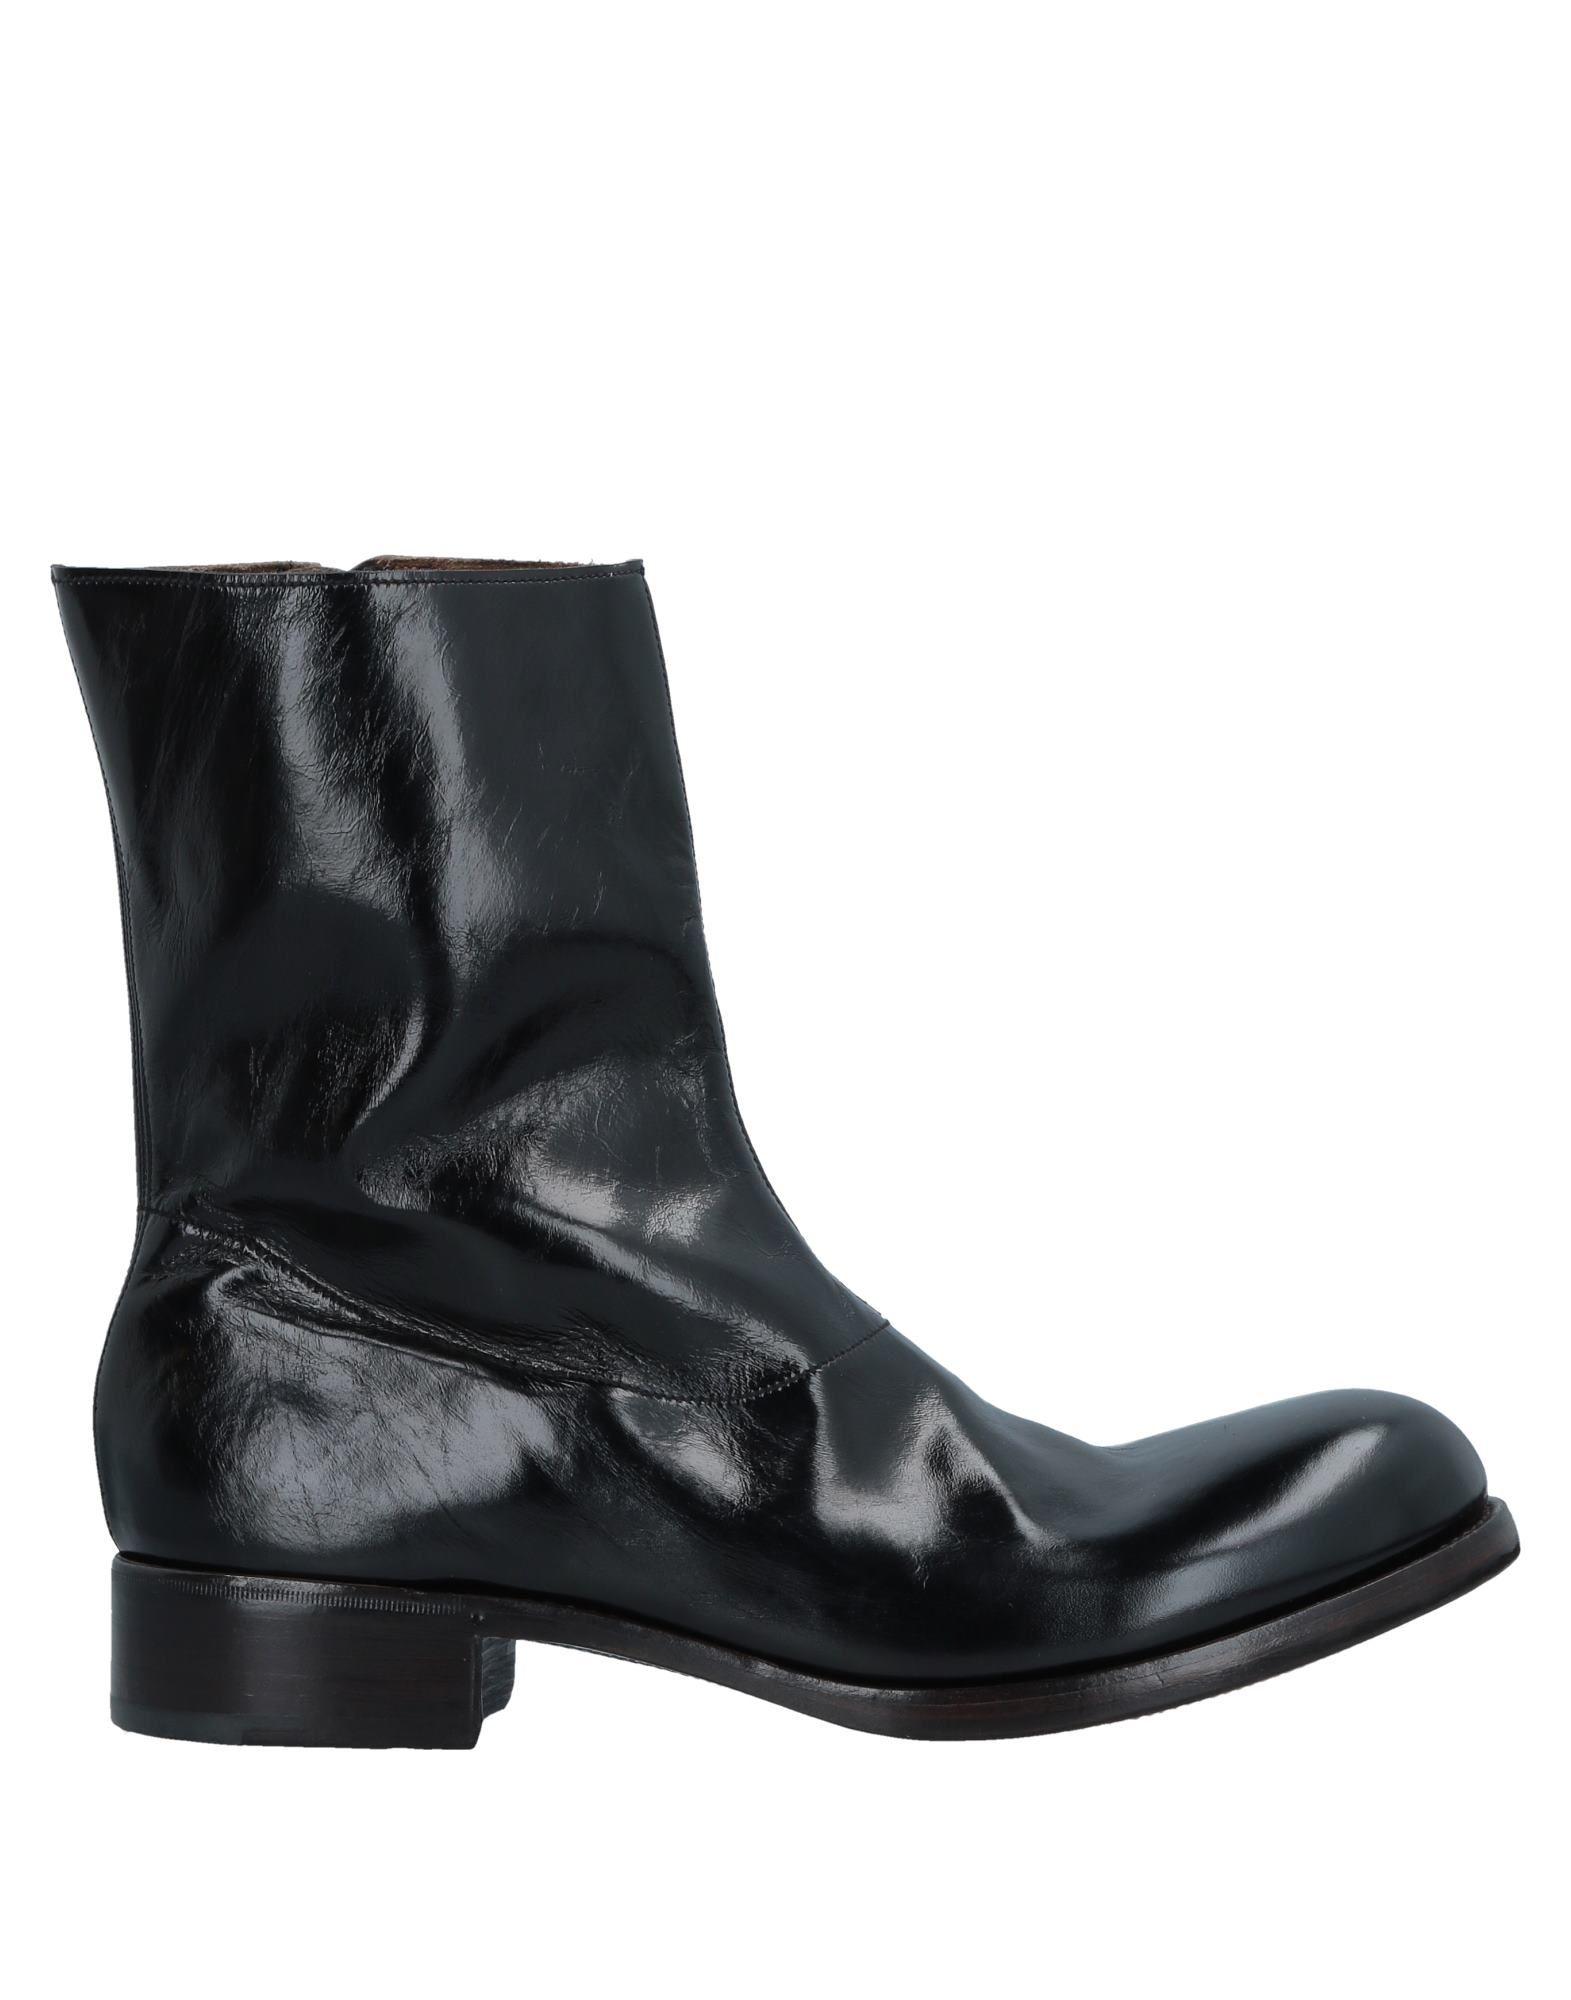 Premiata Stiefelette Herren  11529644PU Gute Qualität beliebte Schuhe